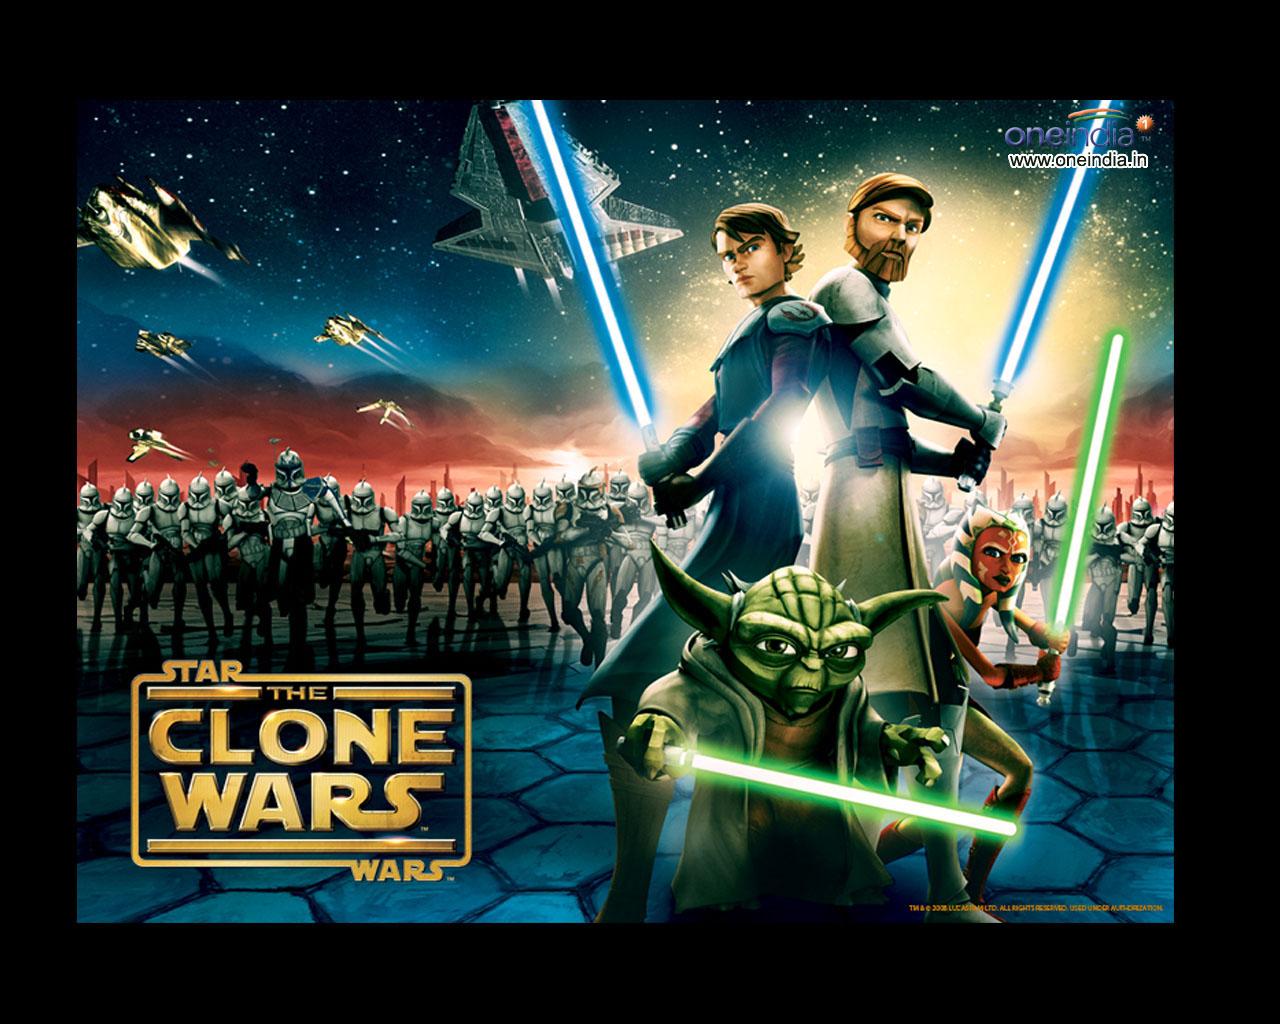 STAR WAR WALLPAPER Star Wars The Clone Wars 1280x1024